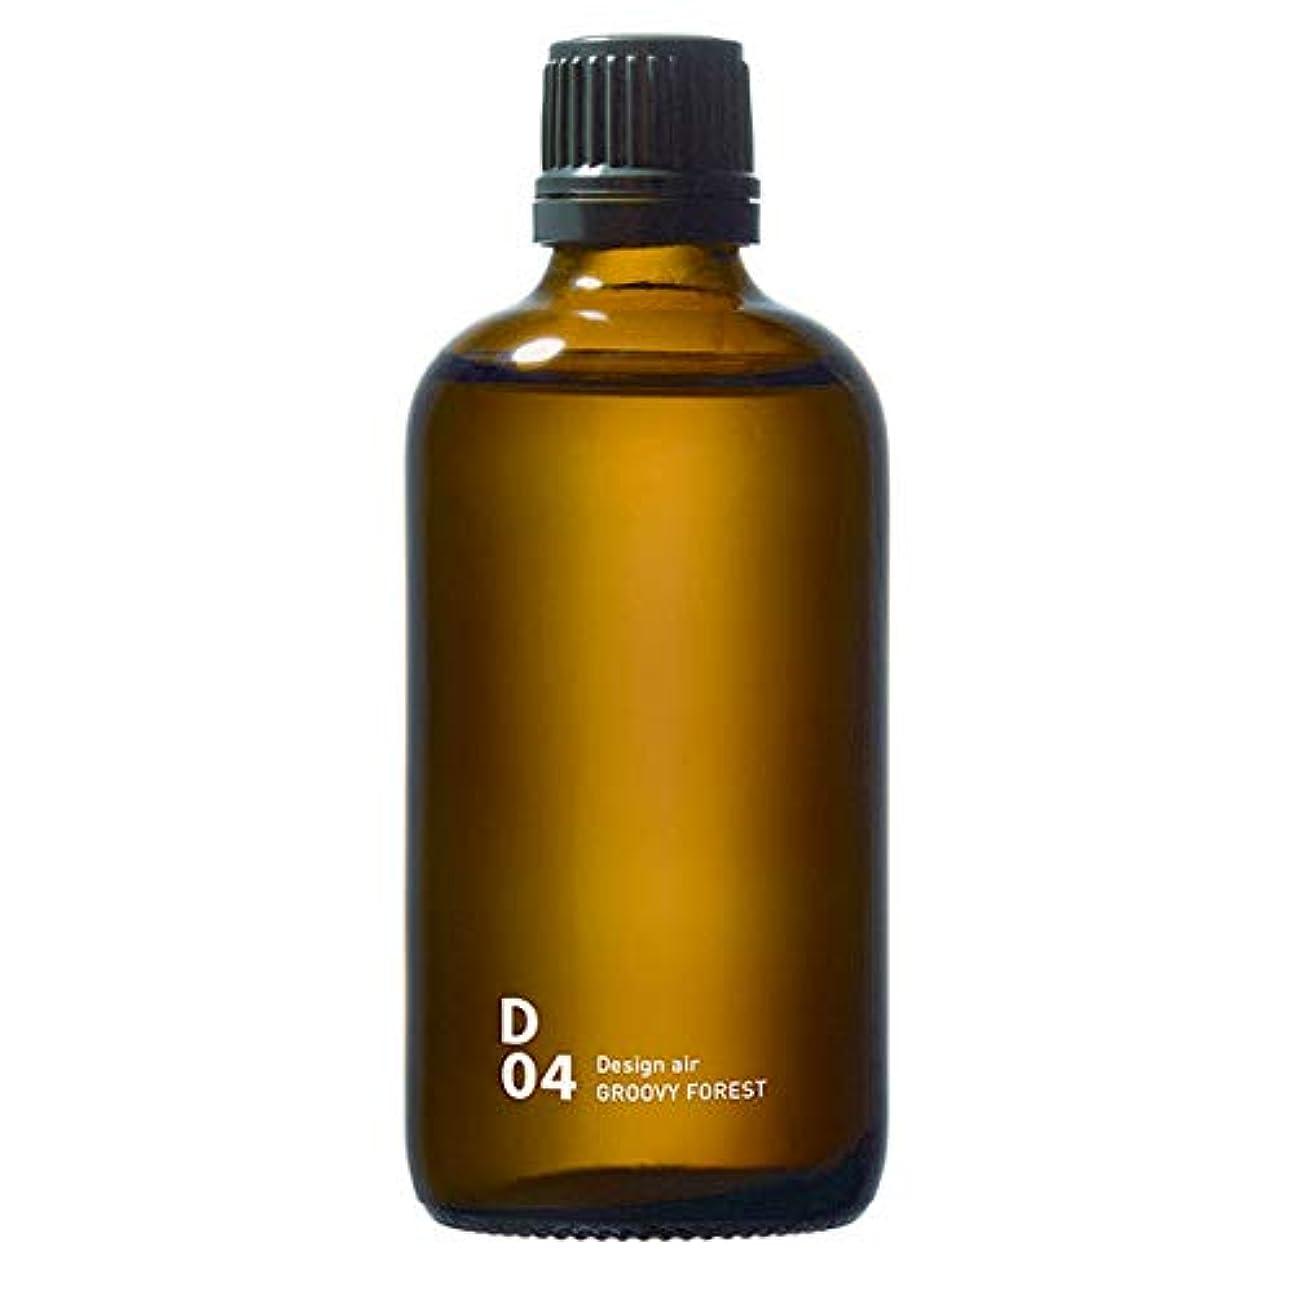 ギネス多様性完璧D04 GROOVY FOREST piezo aroma oil 100ml